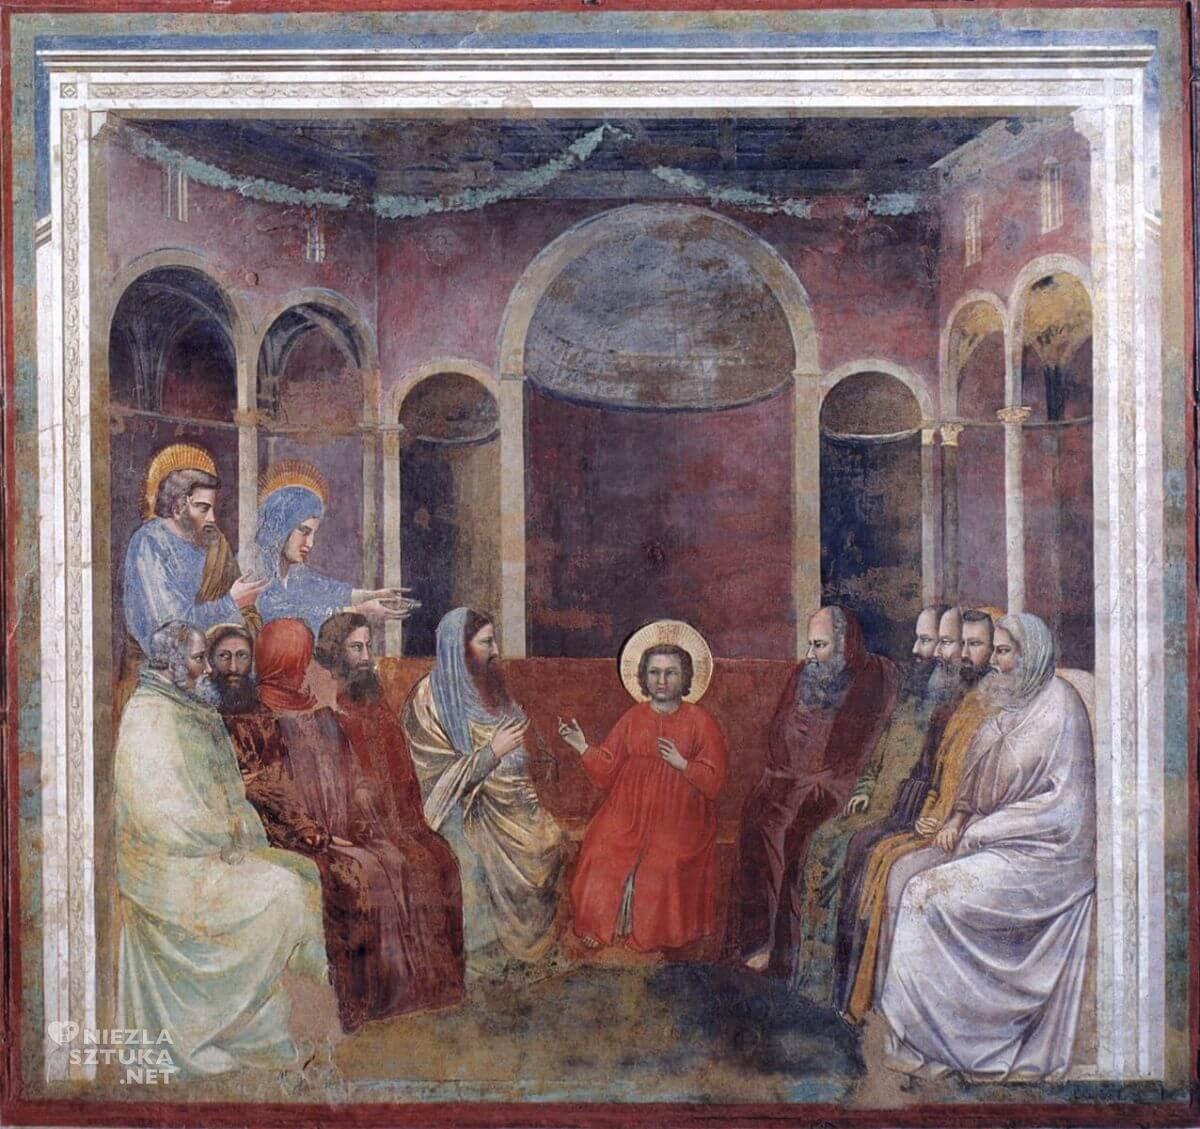 Giotto, Chrystus wśród uczonych Pisma, fresk, sceny z życia Chrystusa, kaplica Scrovegnich, Padwa, sztuka włoska, Niezła Sztuka